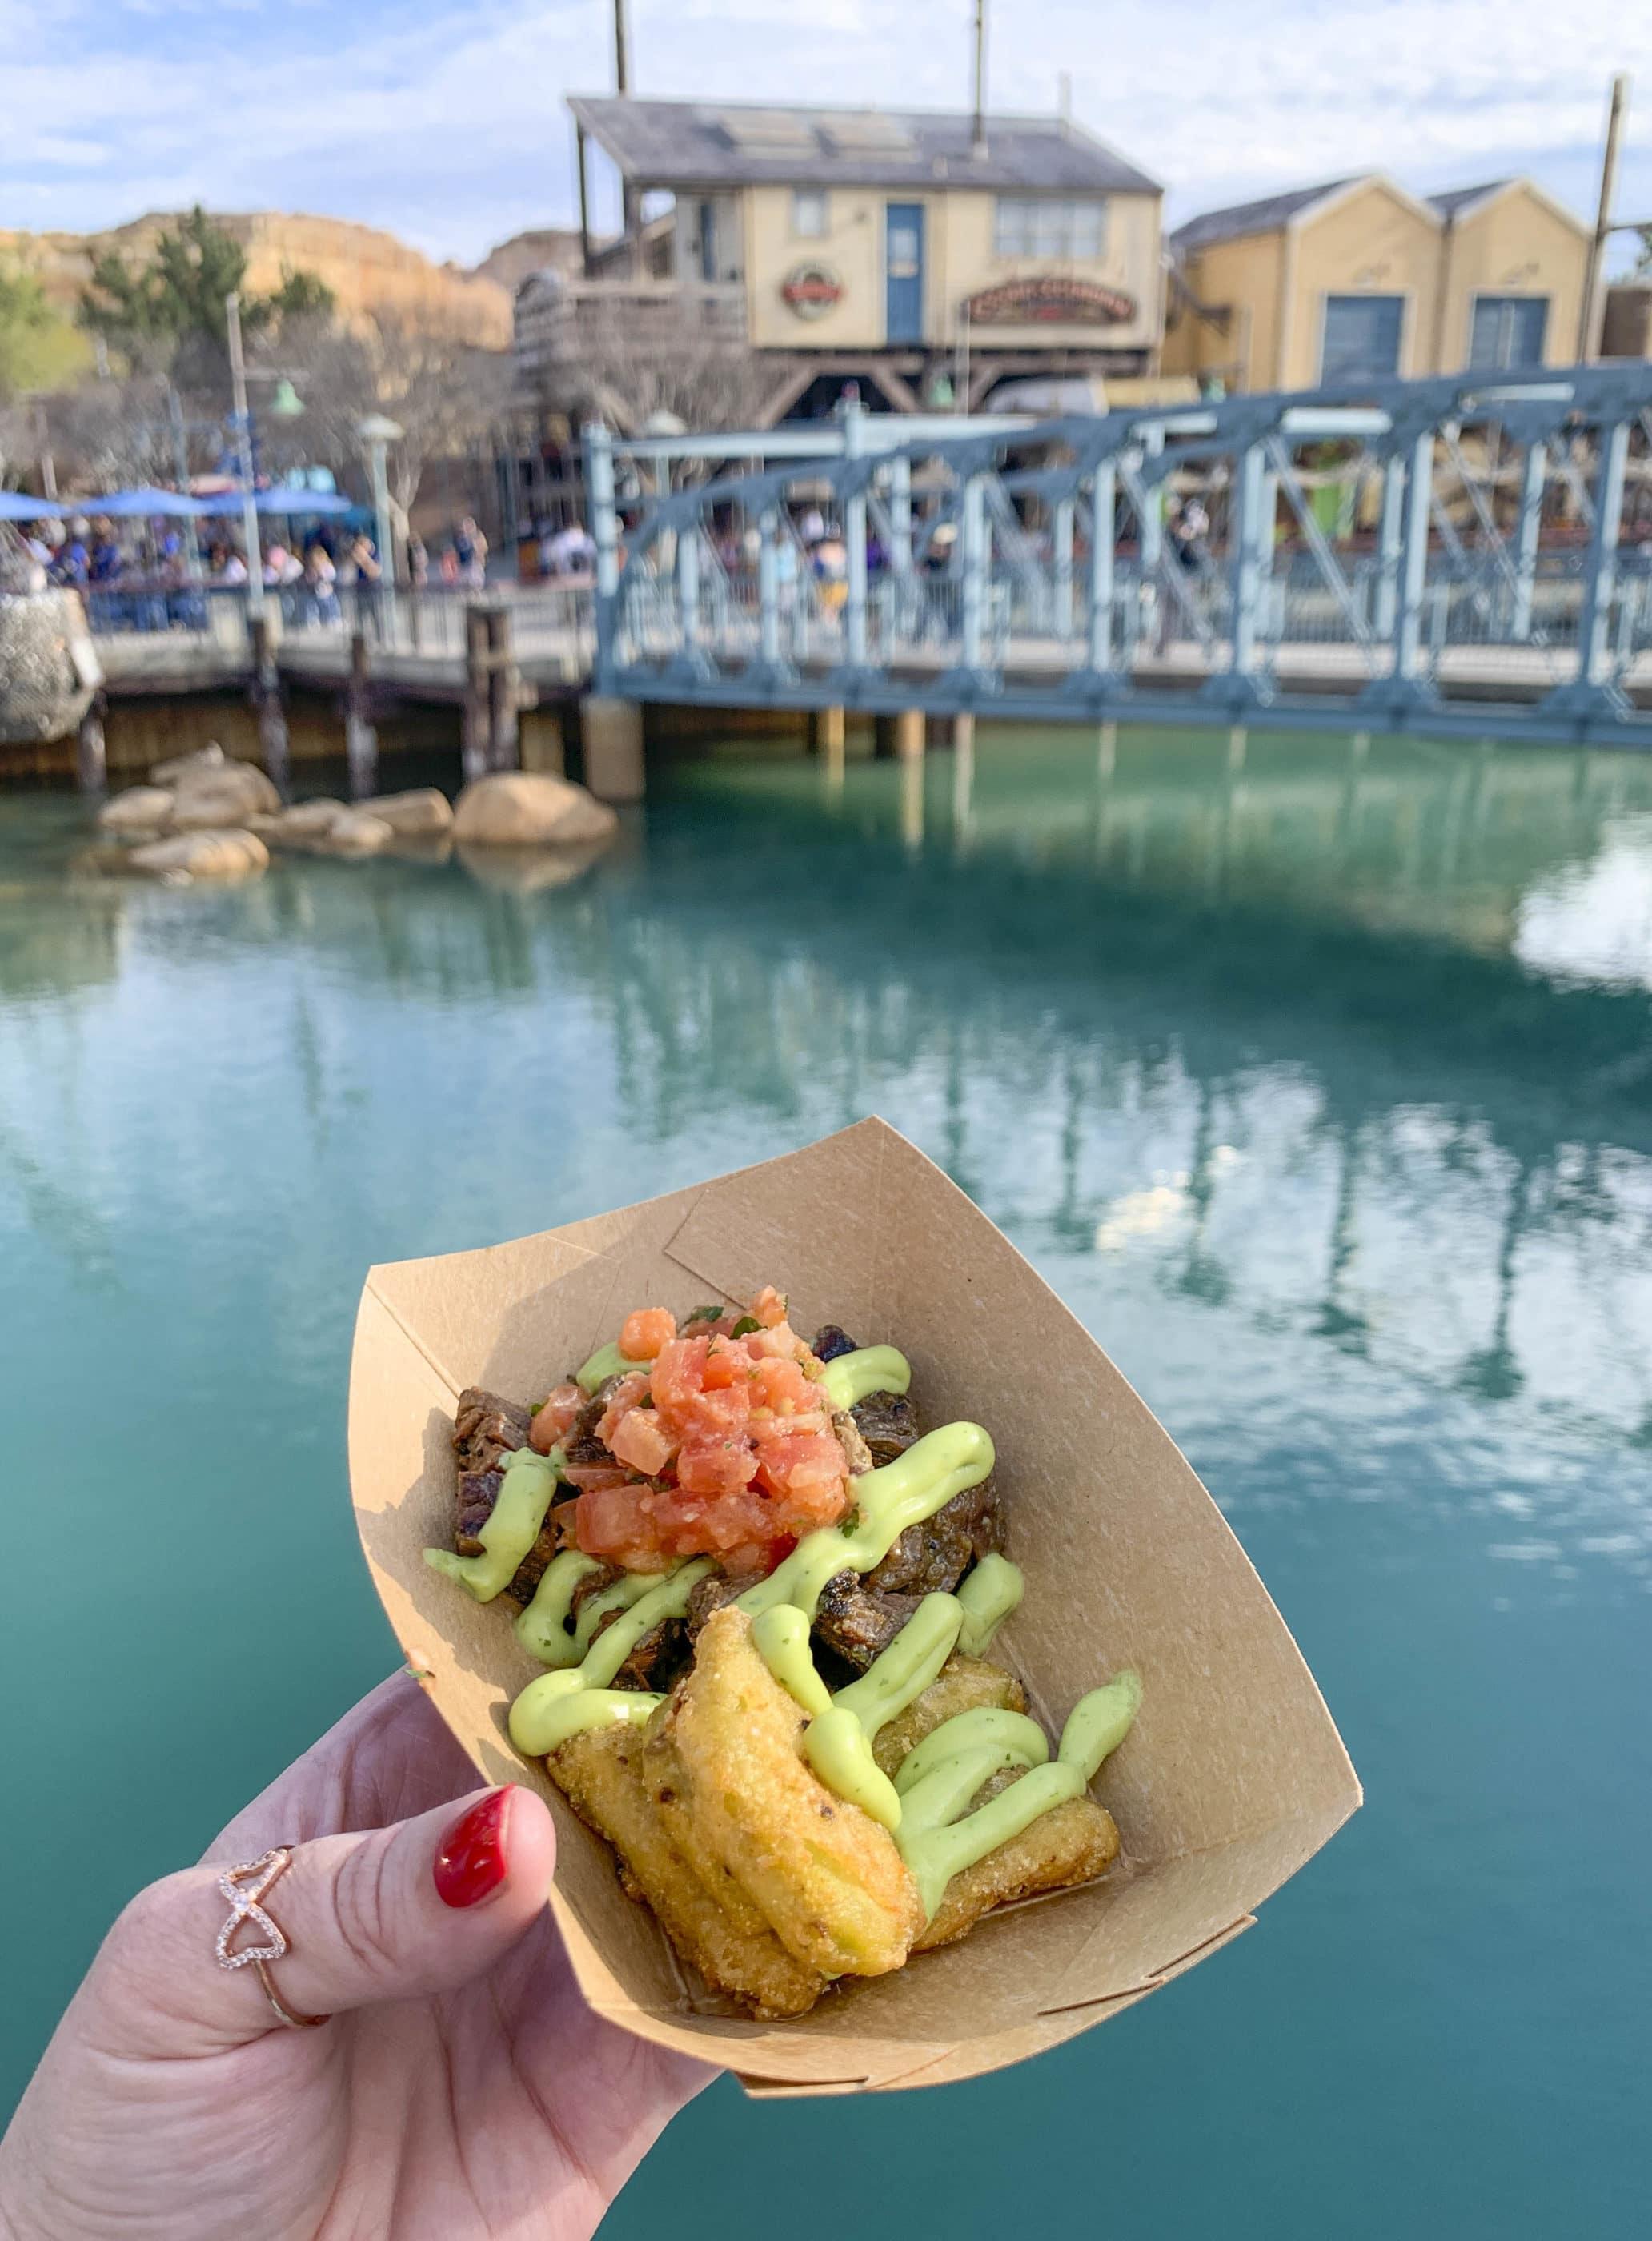 Le guacamole frit et carne asada dans un bac à papier tenu avec Pixar Pier en arrière-plan.